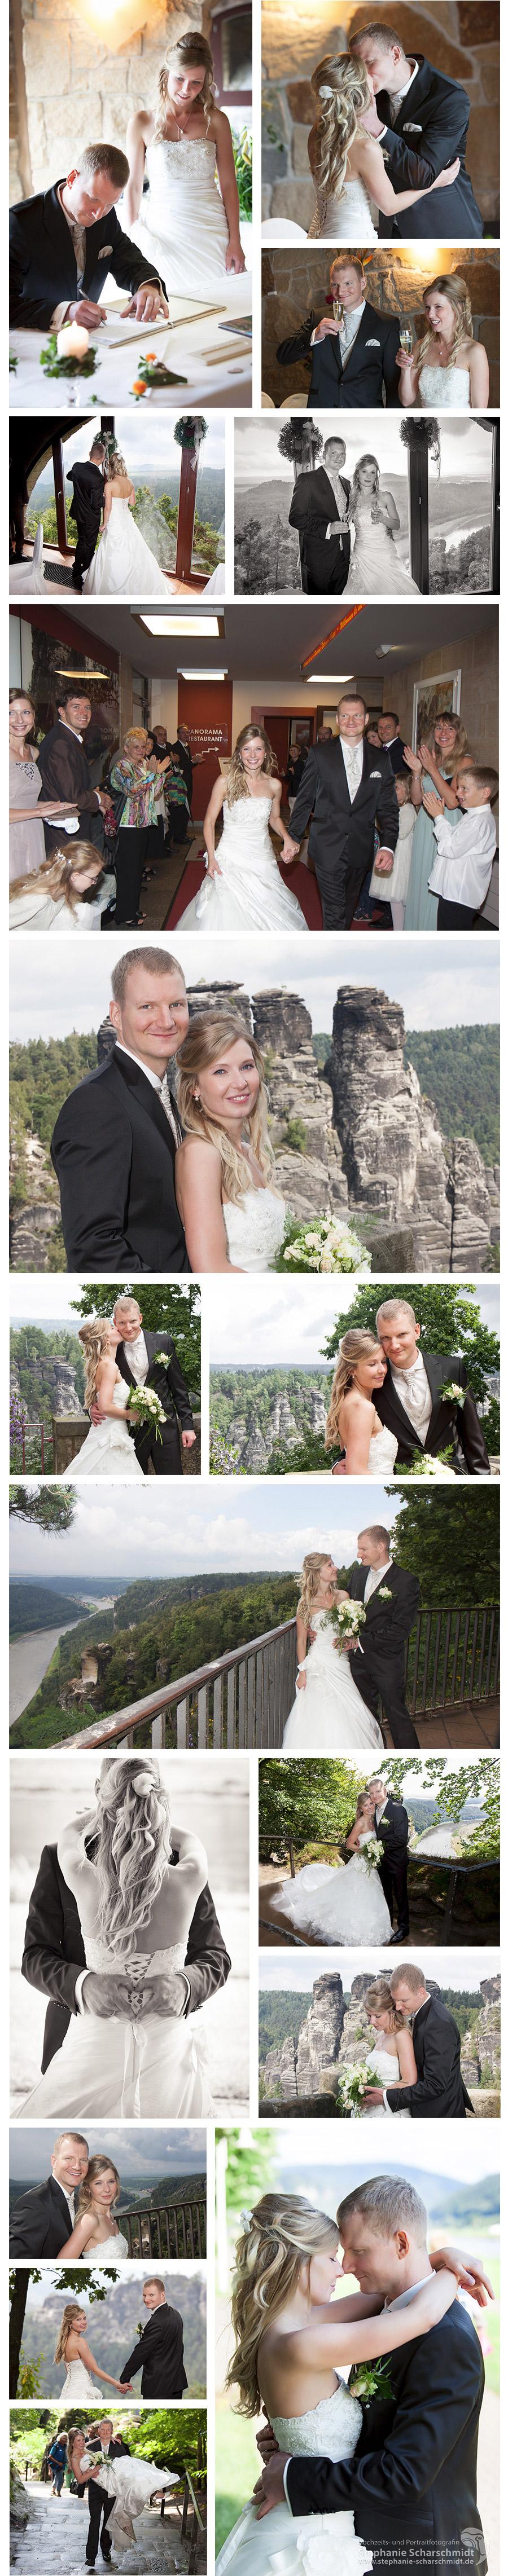 Hochzeitsfotograf in Sachsen - Brautpaarfotos auf der Bastei in der Sächsischen Schweiz - Hochzeitsfotografin Stephanie Scharschmidt